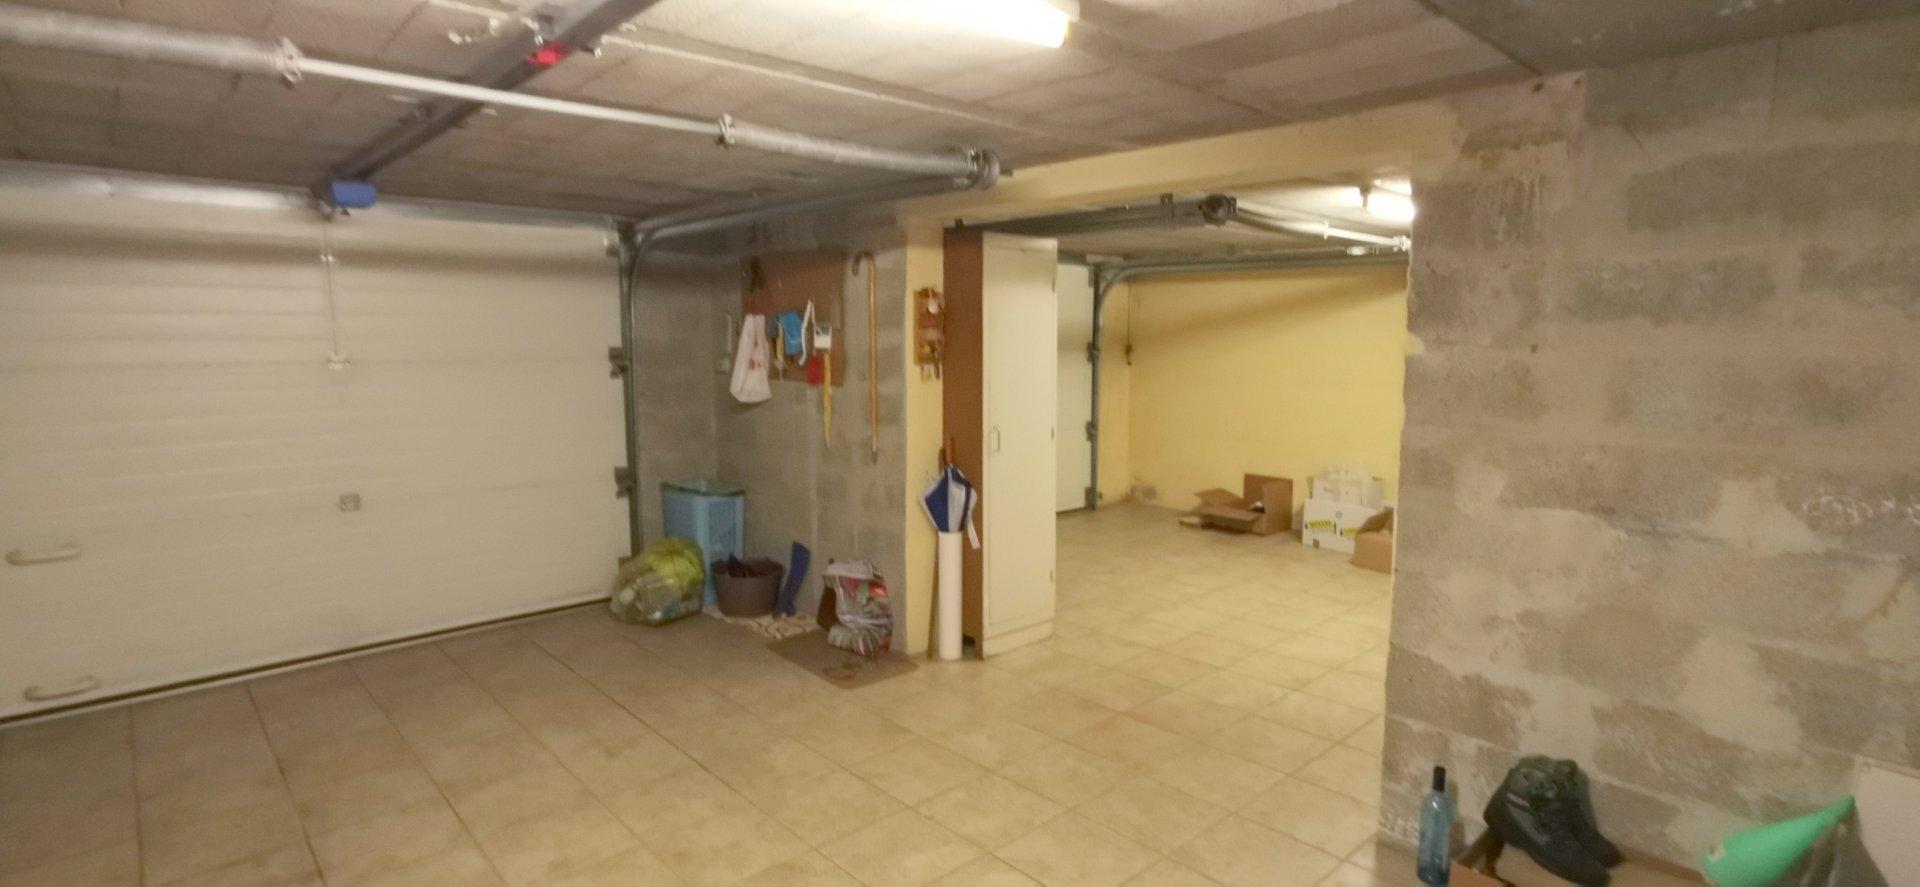 EXCLUSIVITE  CENTRE VILLE MAISON DE VILLE AVEC DOUBLE GARAGE